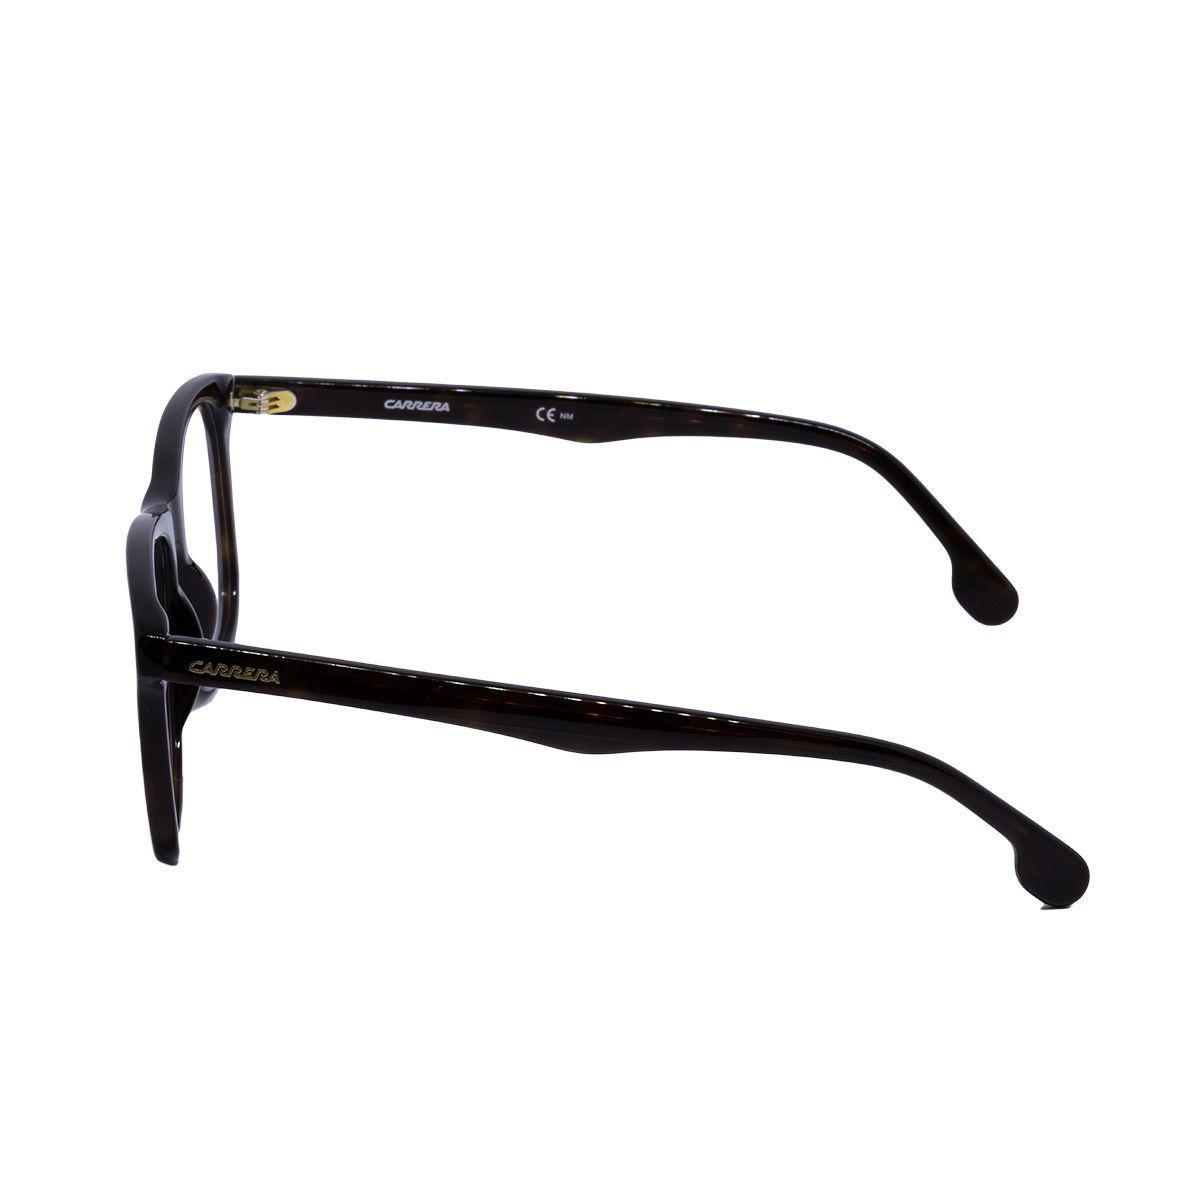 557b0ed4c6615 Óculos de Grau Carrera 135V - acetato preto R  475,00 à vista. Adicionar à  sacola